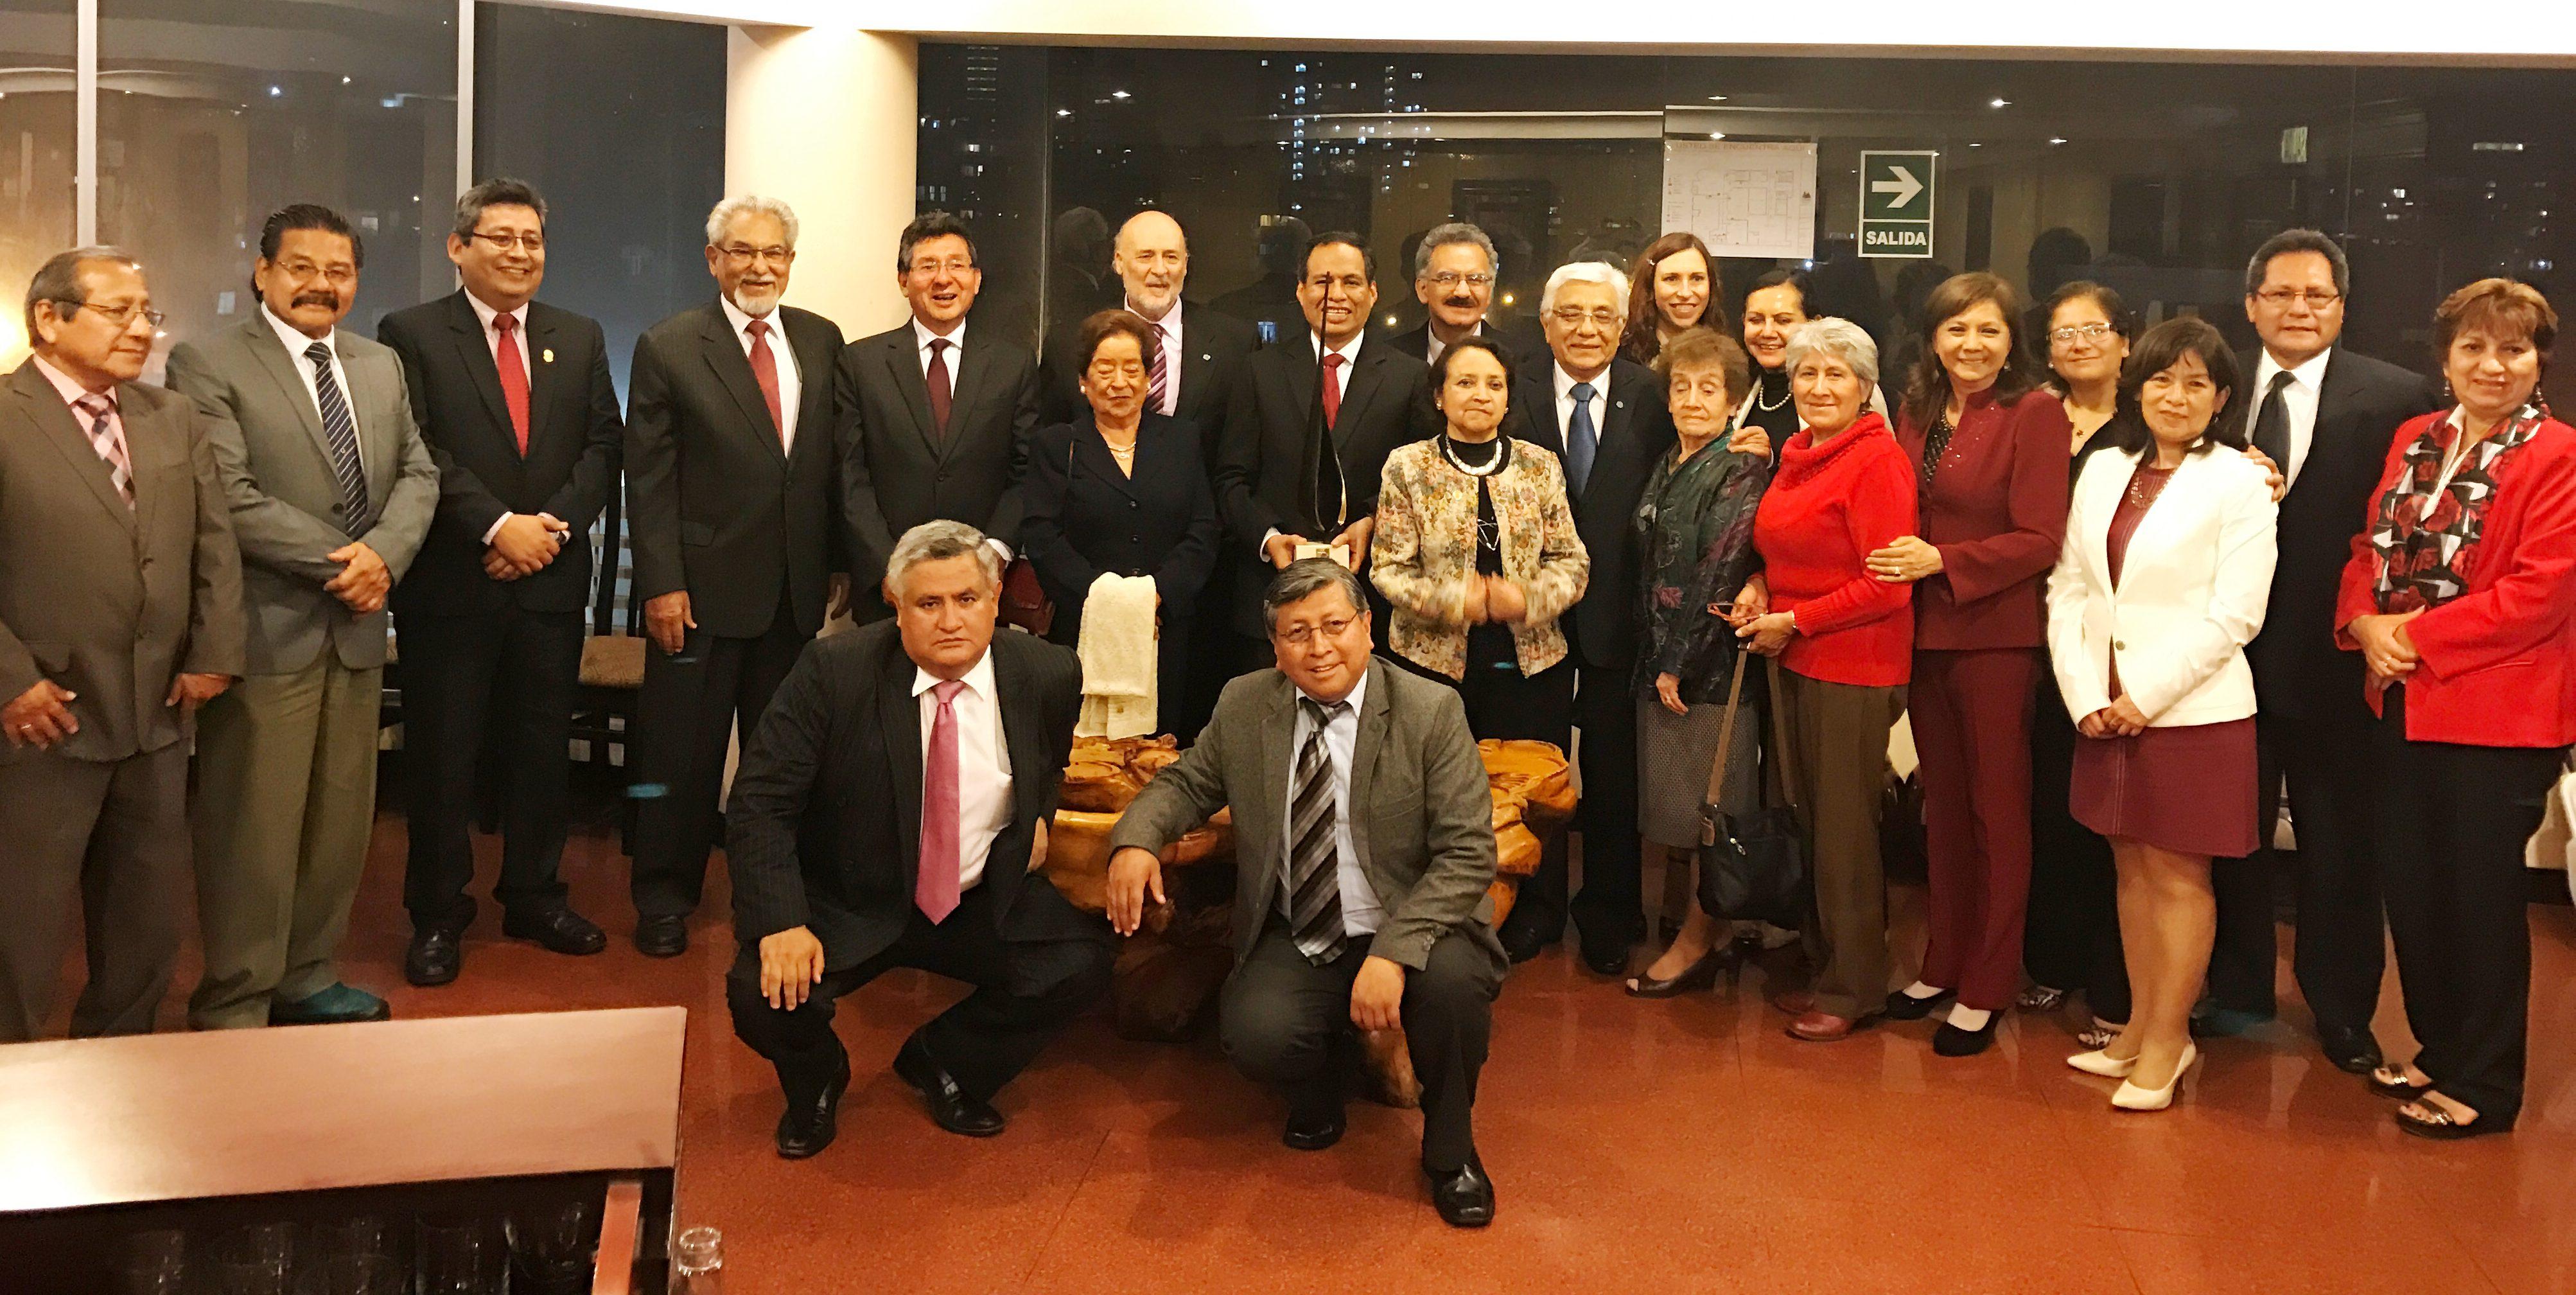 Los principales representantes del sector de la farmacia peruana asistieron al acto de entrega del XV Premio Eupharlaw-Ibercisalud en Lima